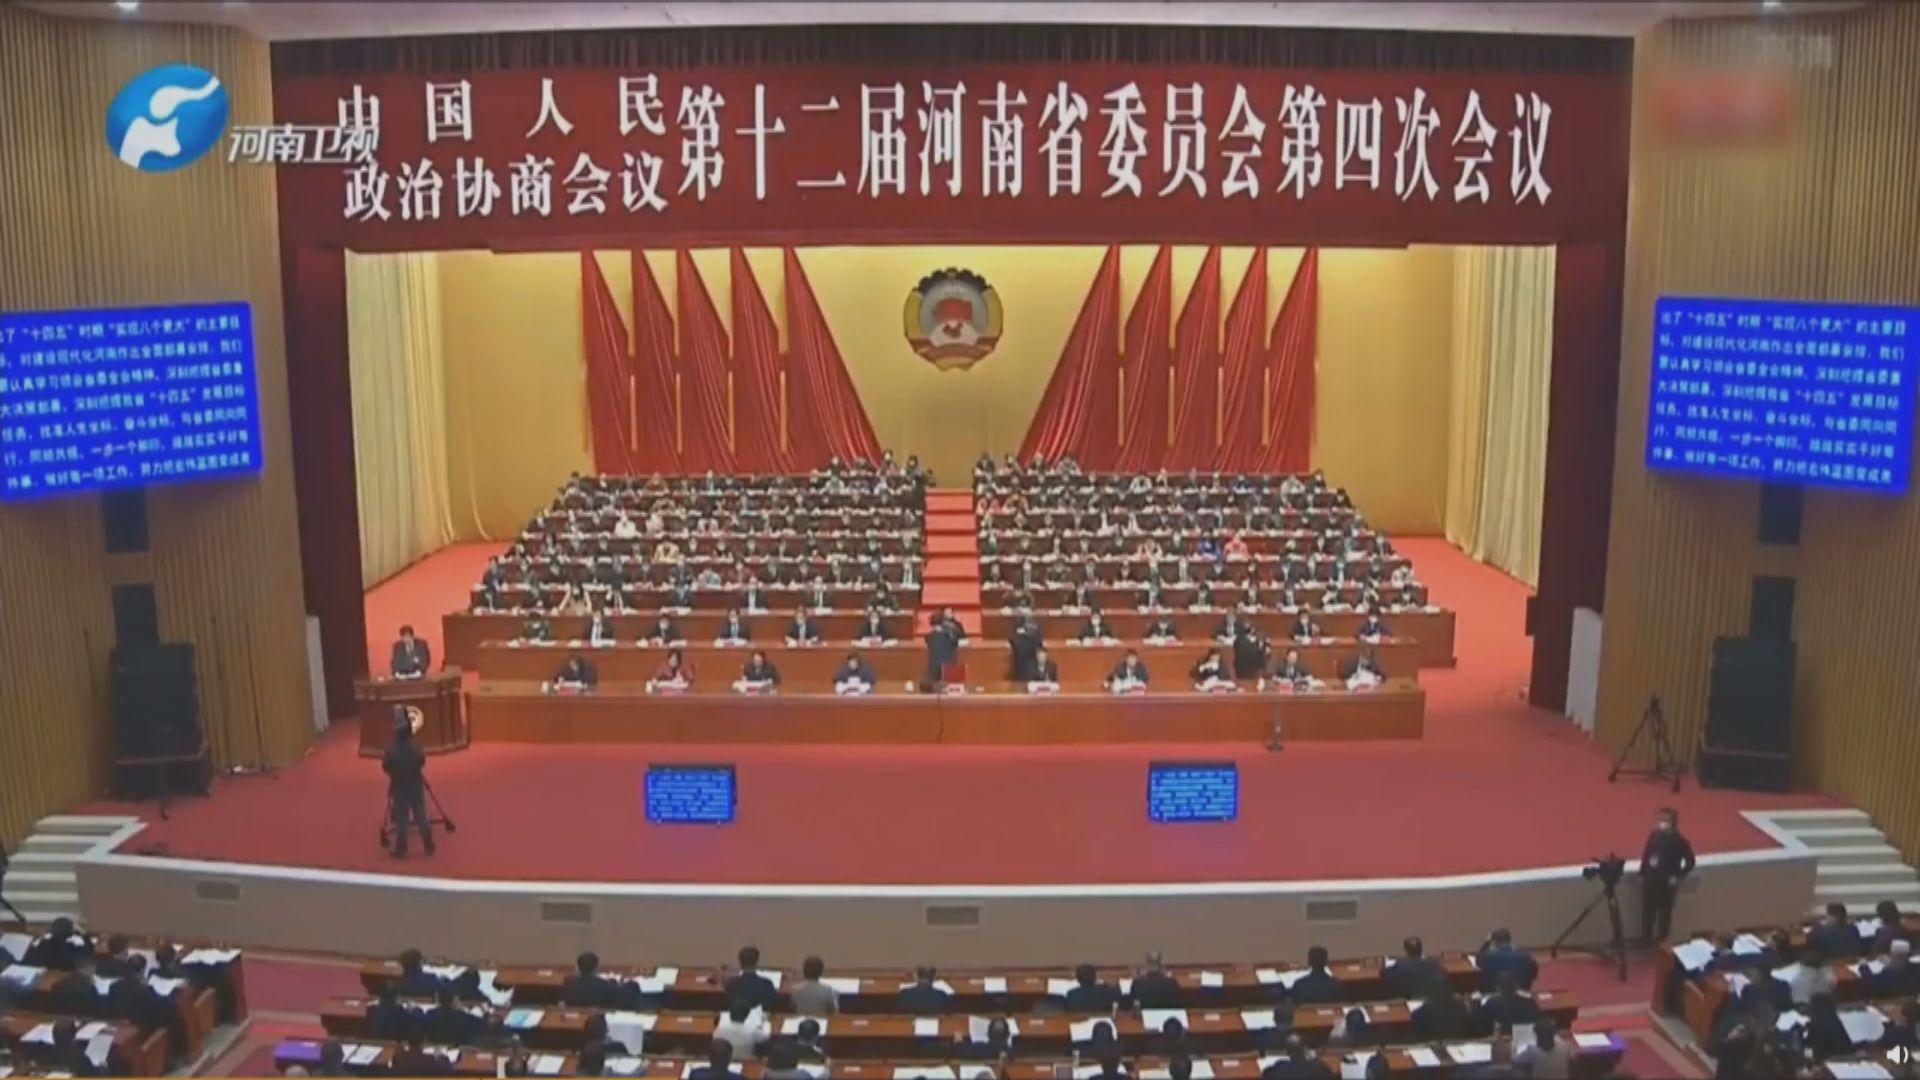 河南省揭開地方兩會序幕 與會前要驗新冠病毒